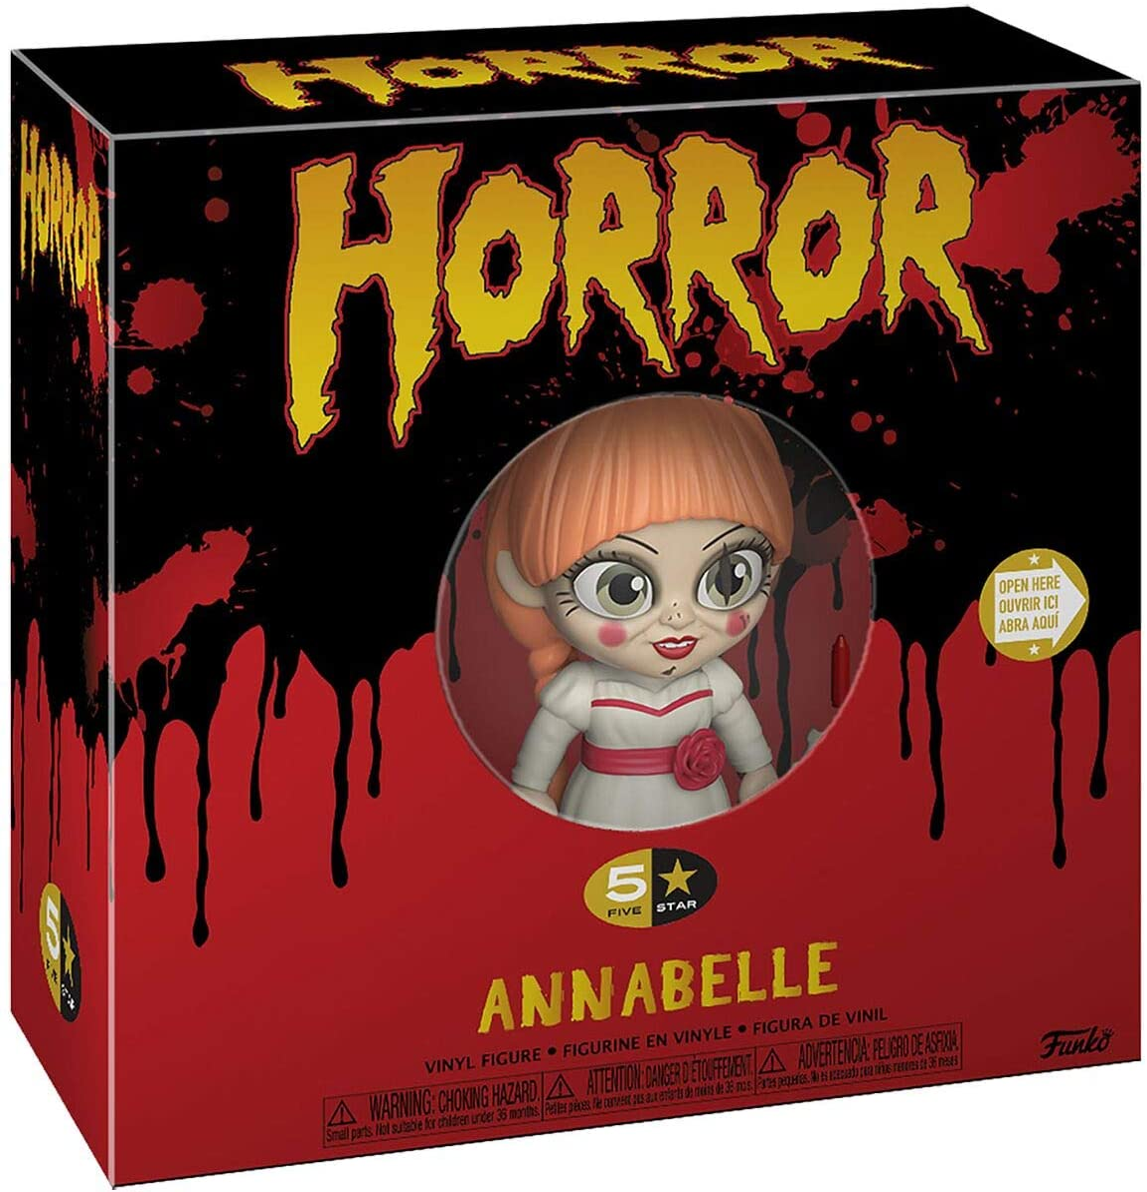 5 Star Annabelle Figura Coleccionable Multicolor 40980 Funko